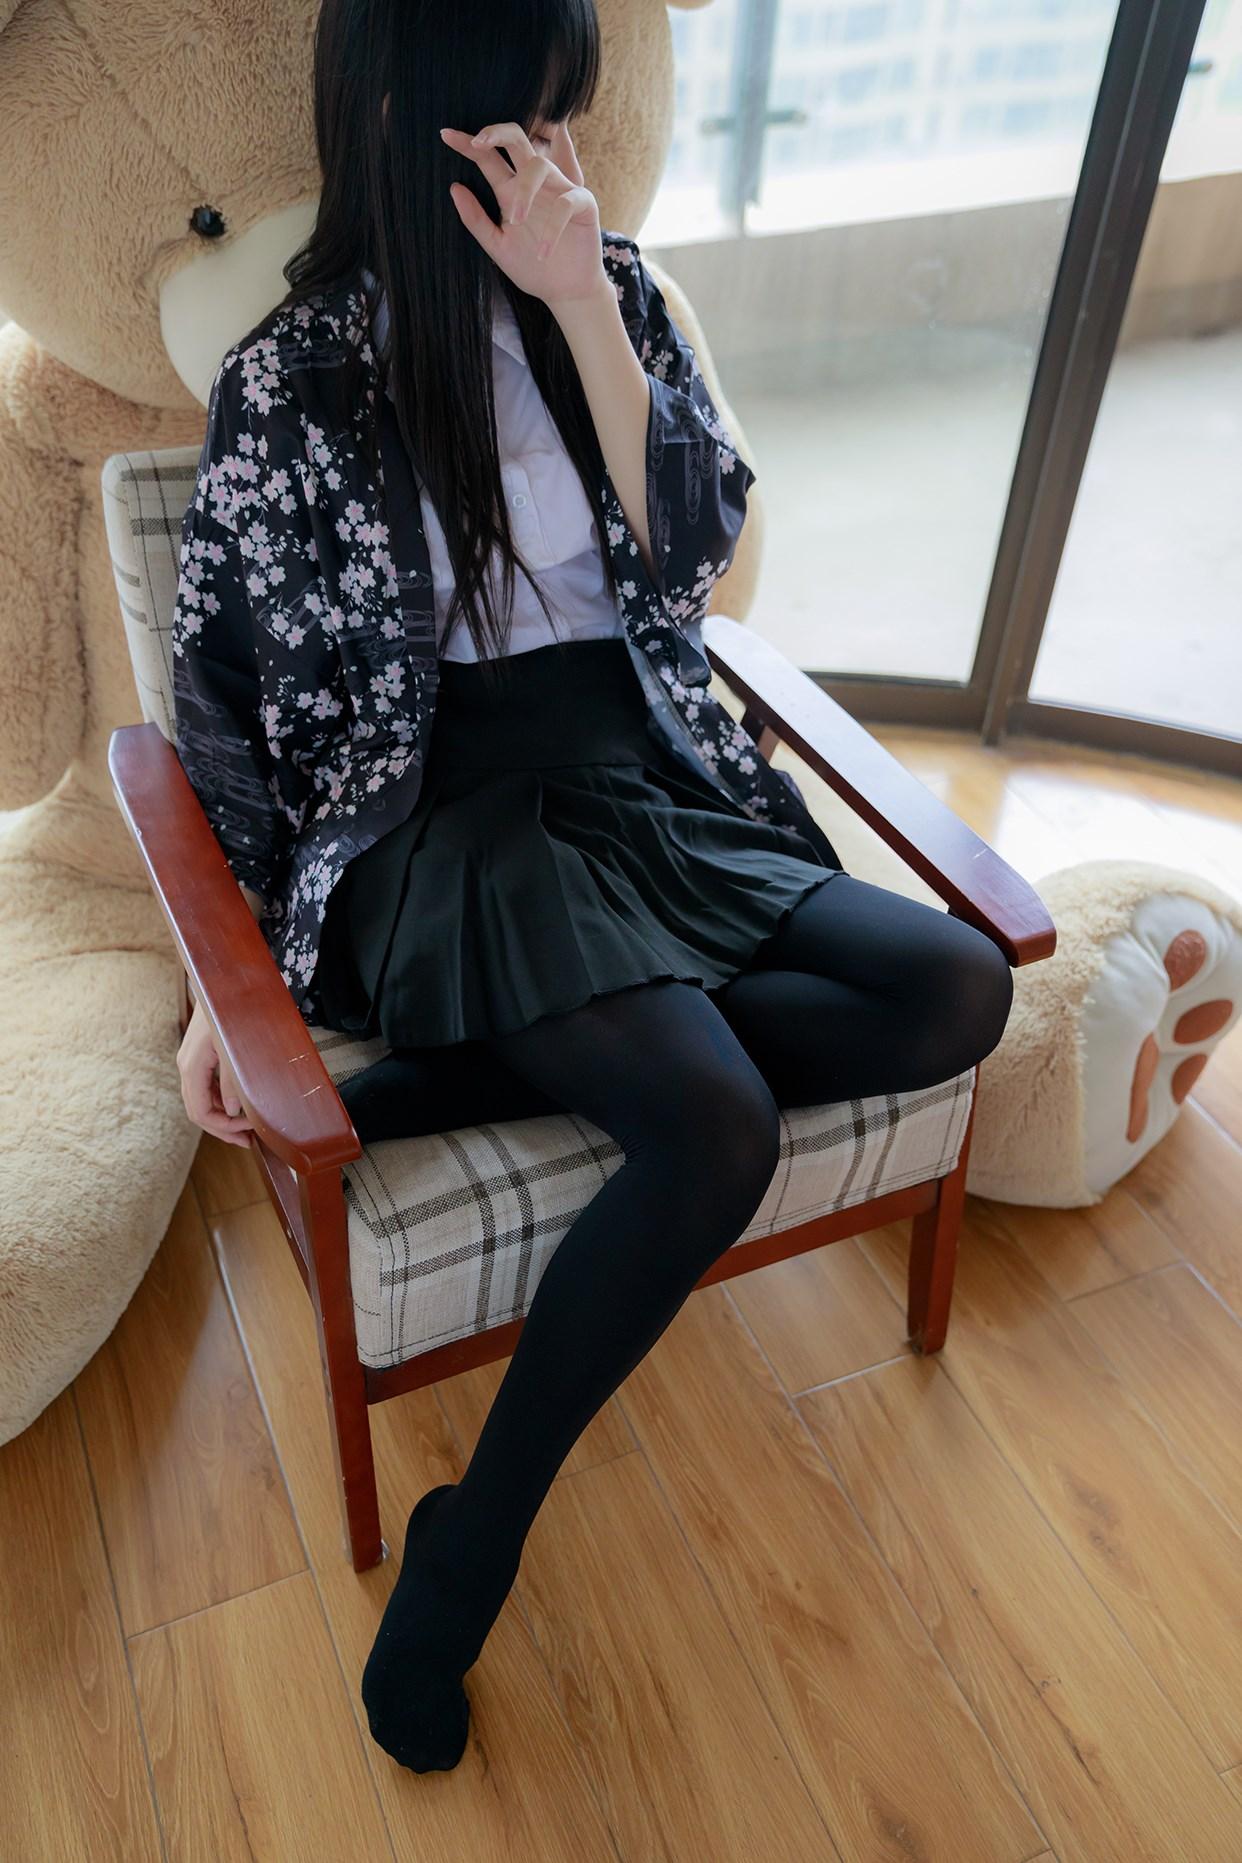 【兔玩映画】椅上的黑丝少女 兔玩映画 第22张